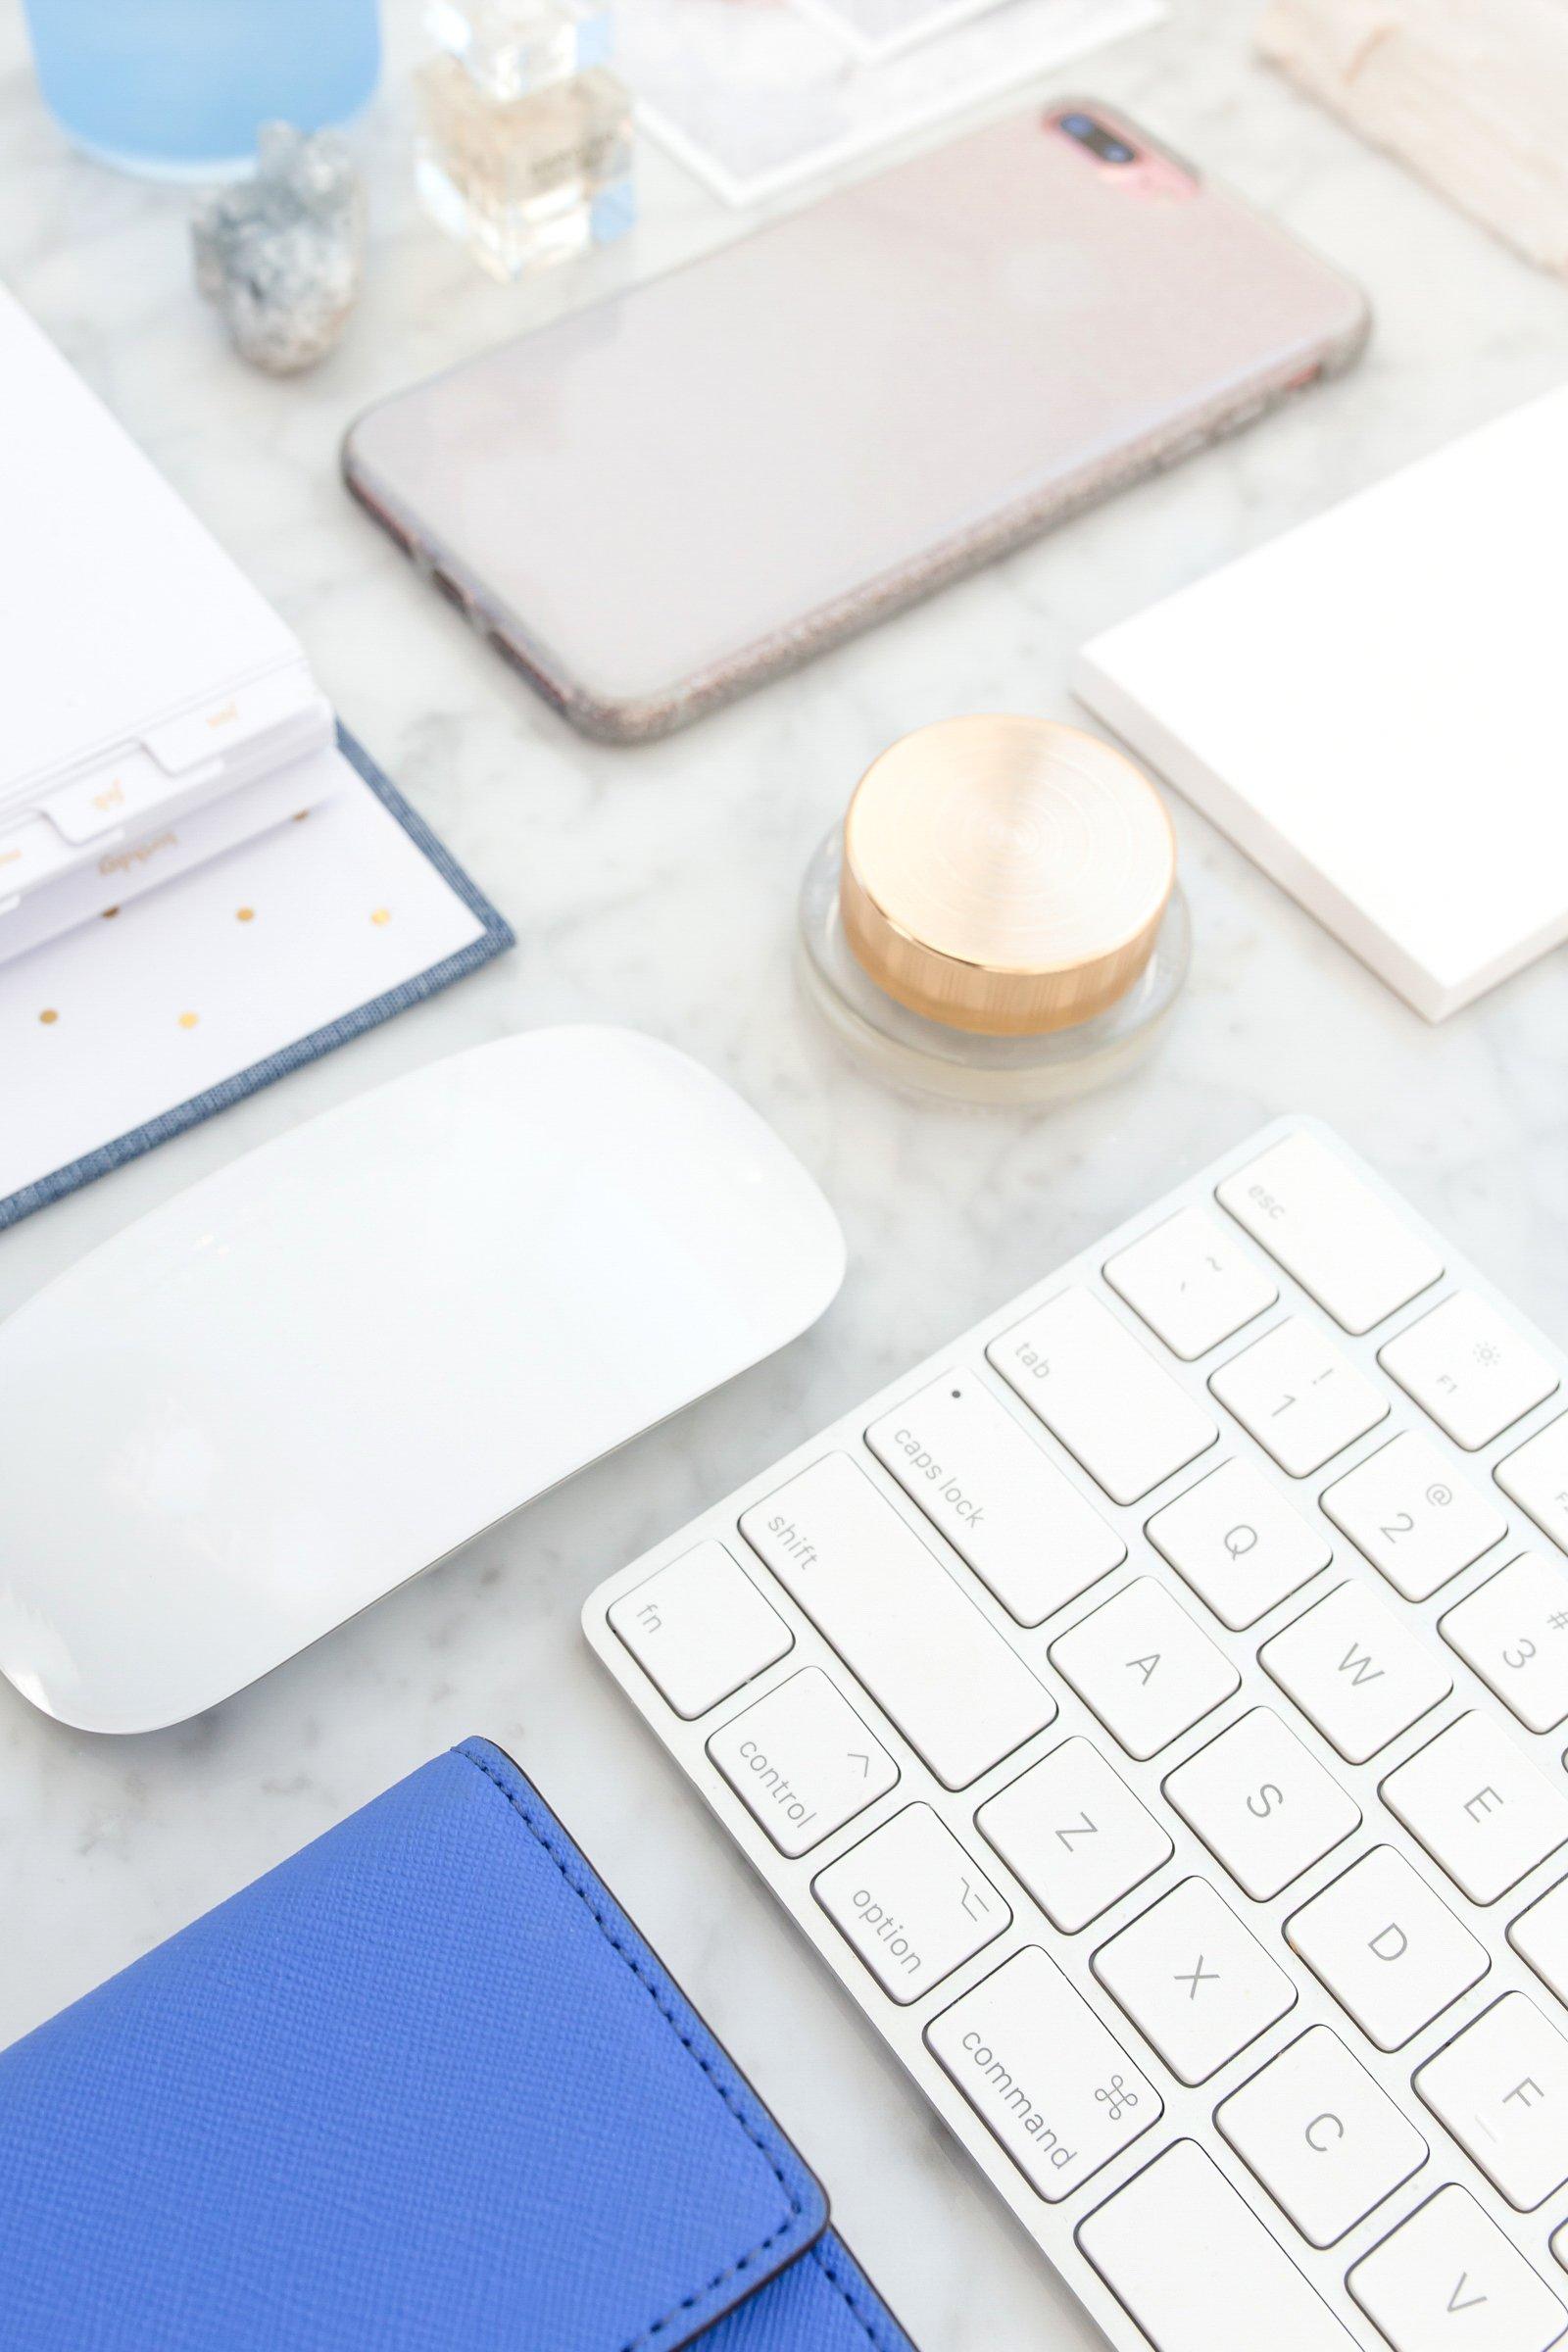 fond bureau bleu laura villers lvdigitale communication digitale réseaux sociaux